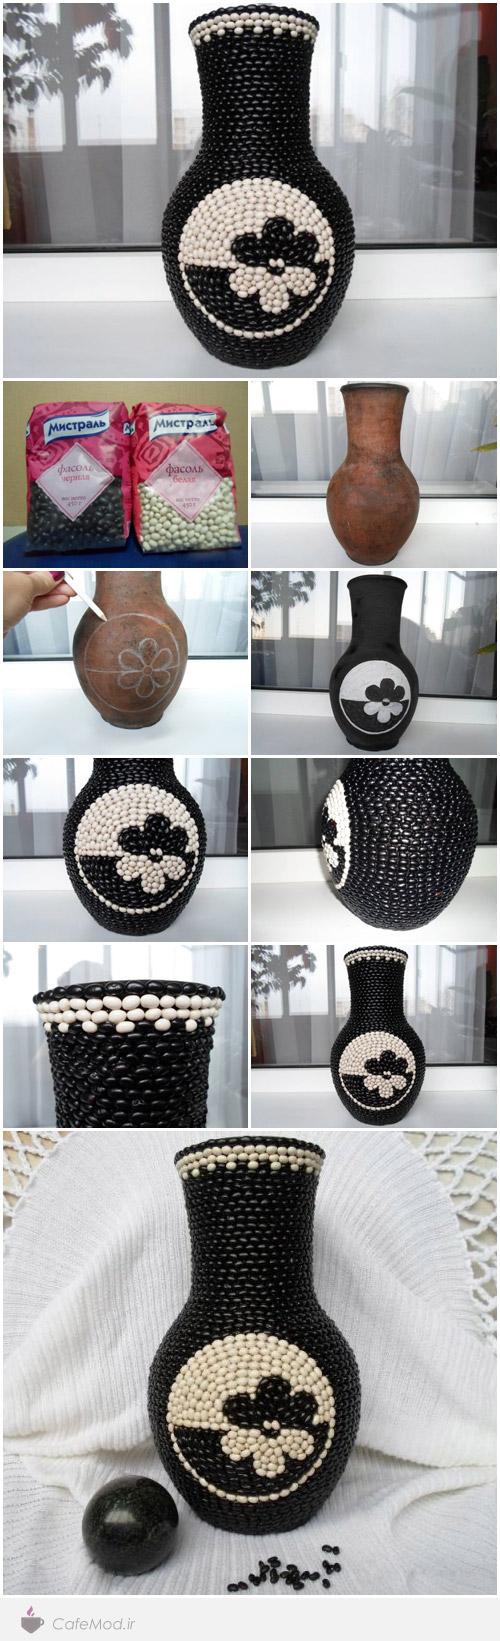 آموزش مدل تزئین گلدان